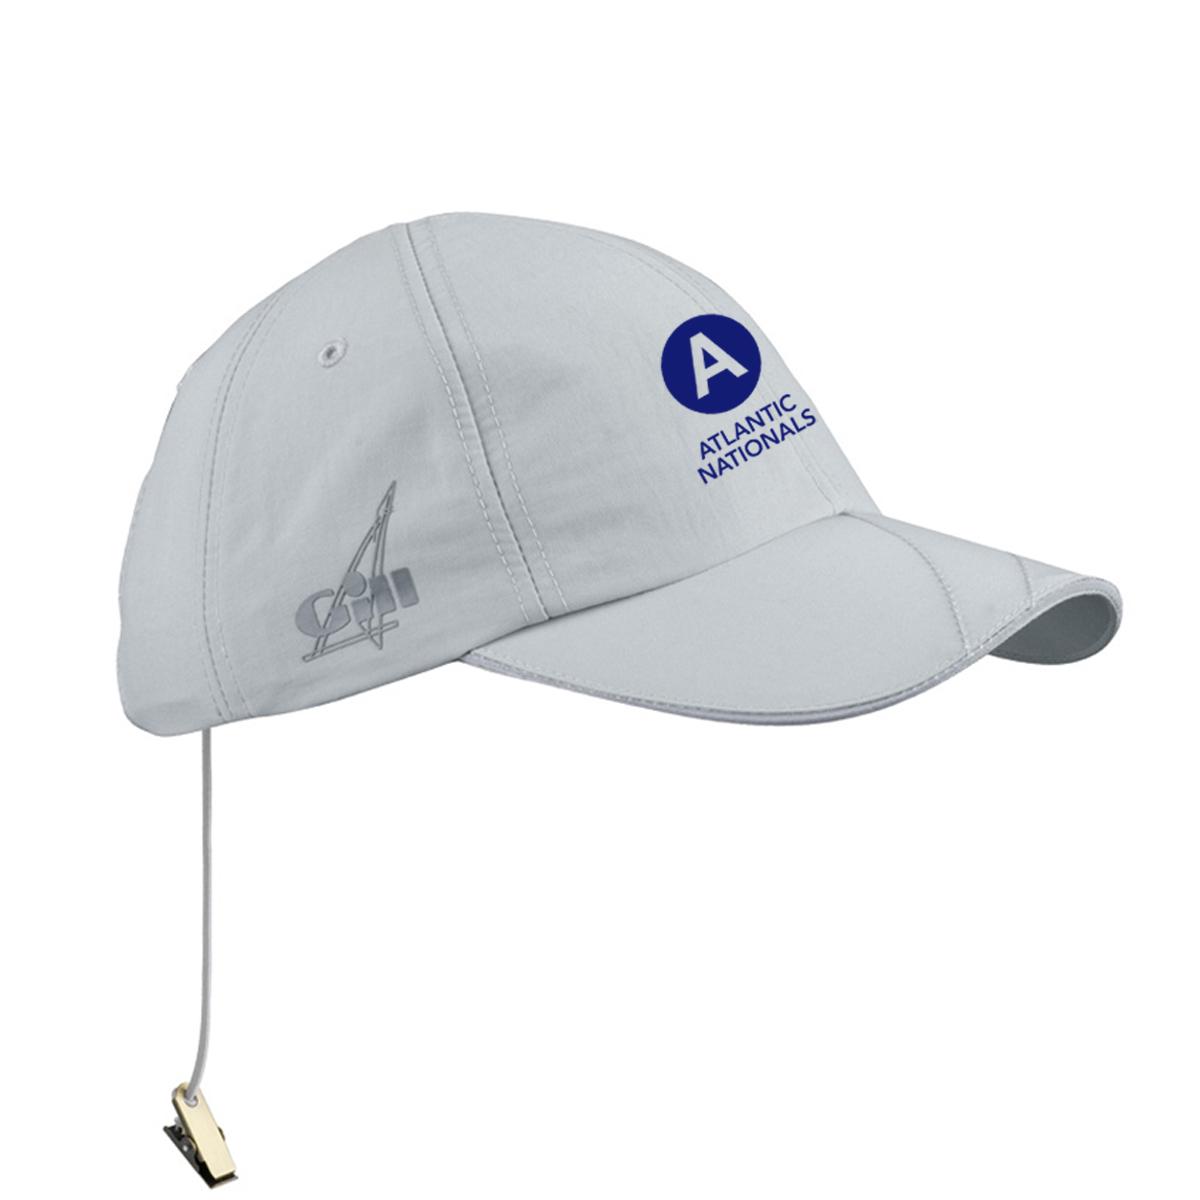 ATLANTIC NATIONALS- GILL UV TEC HAT